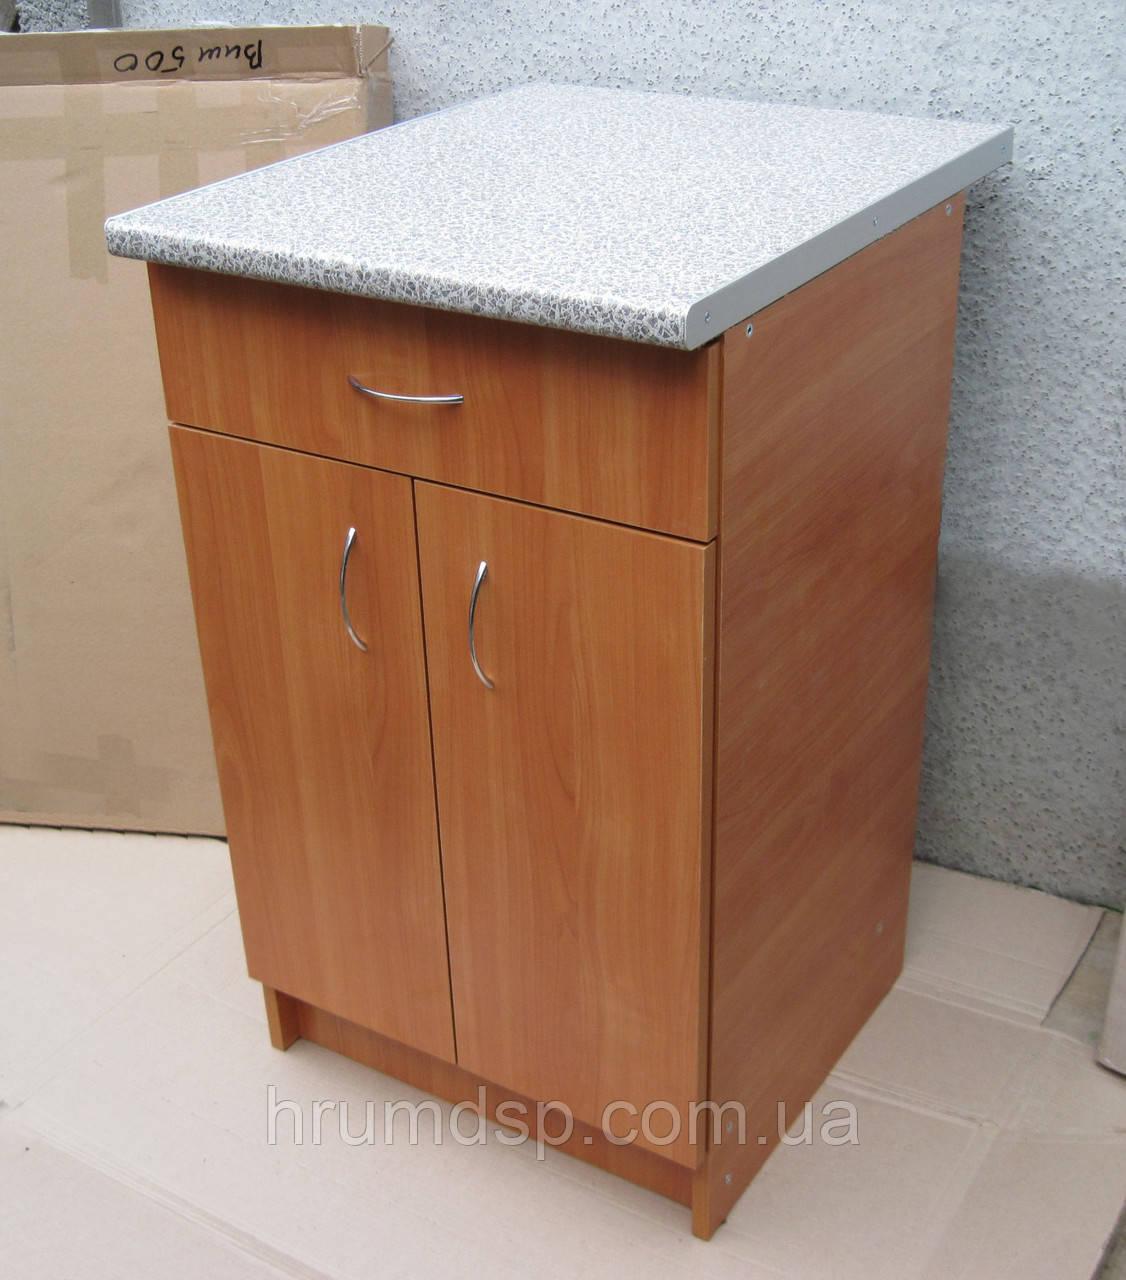 Стол кухонный 60х60 (Столешница 28мм)